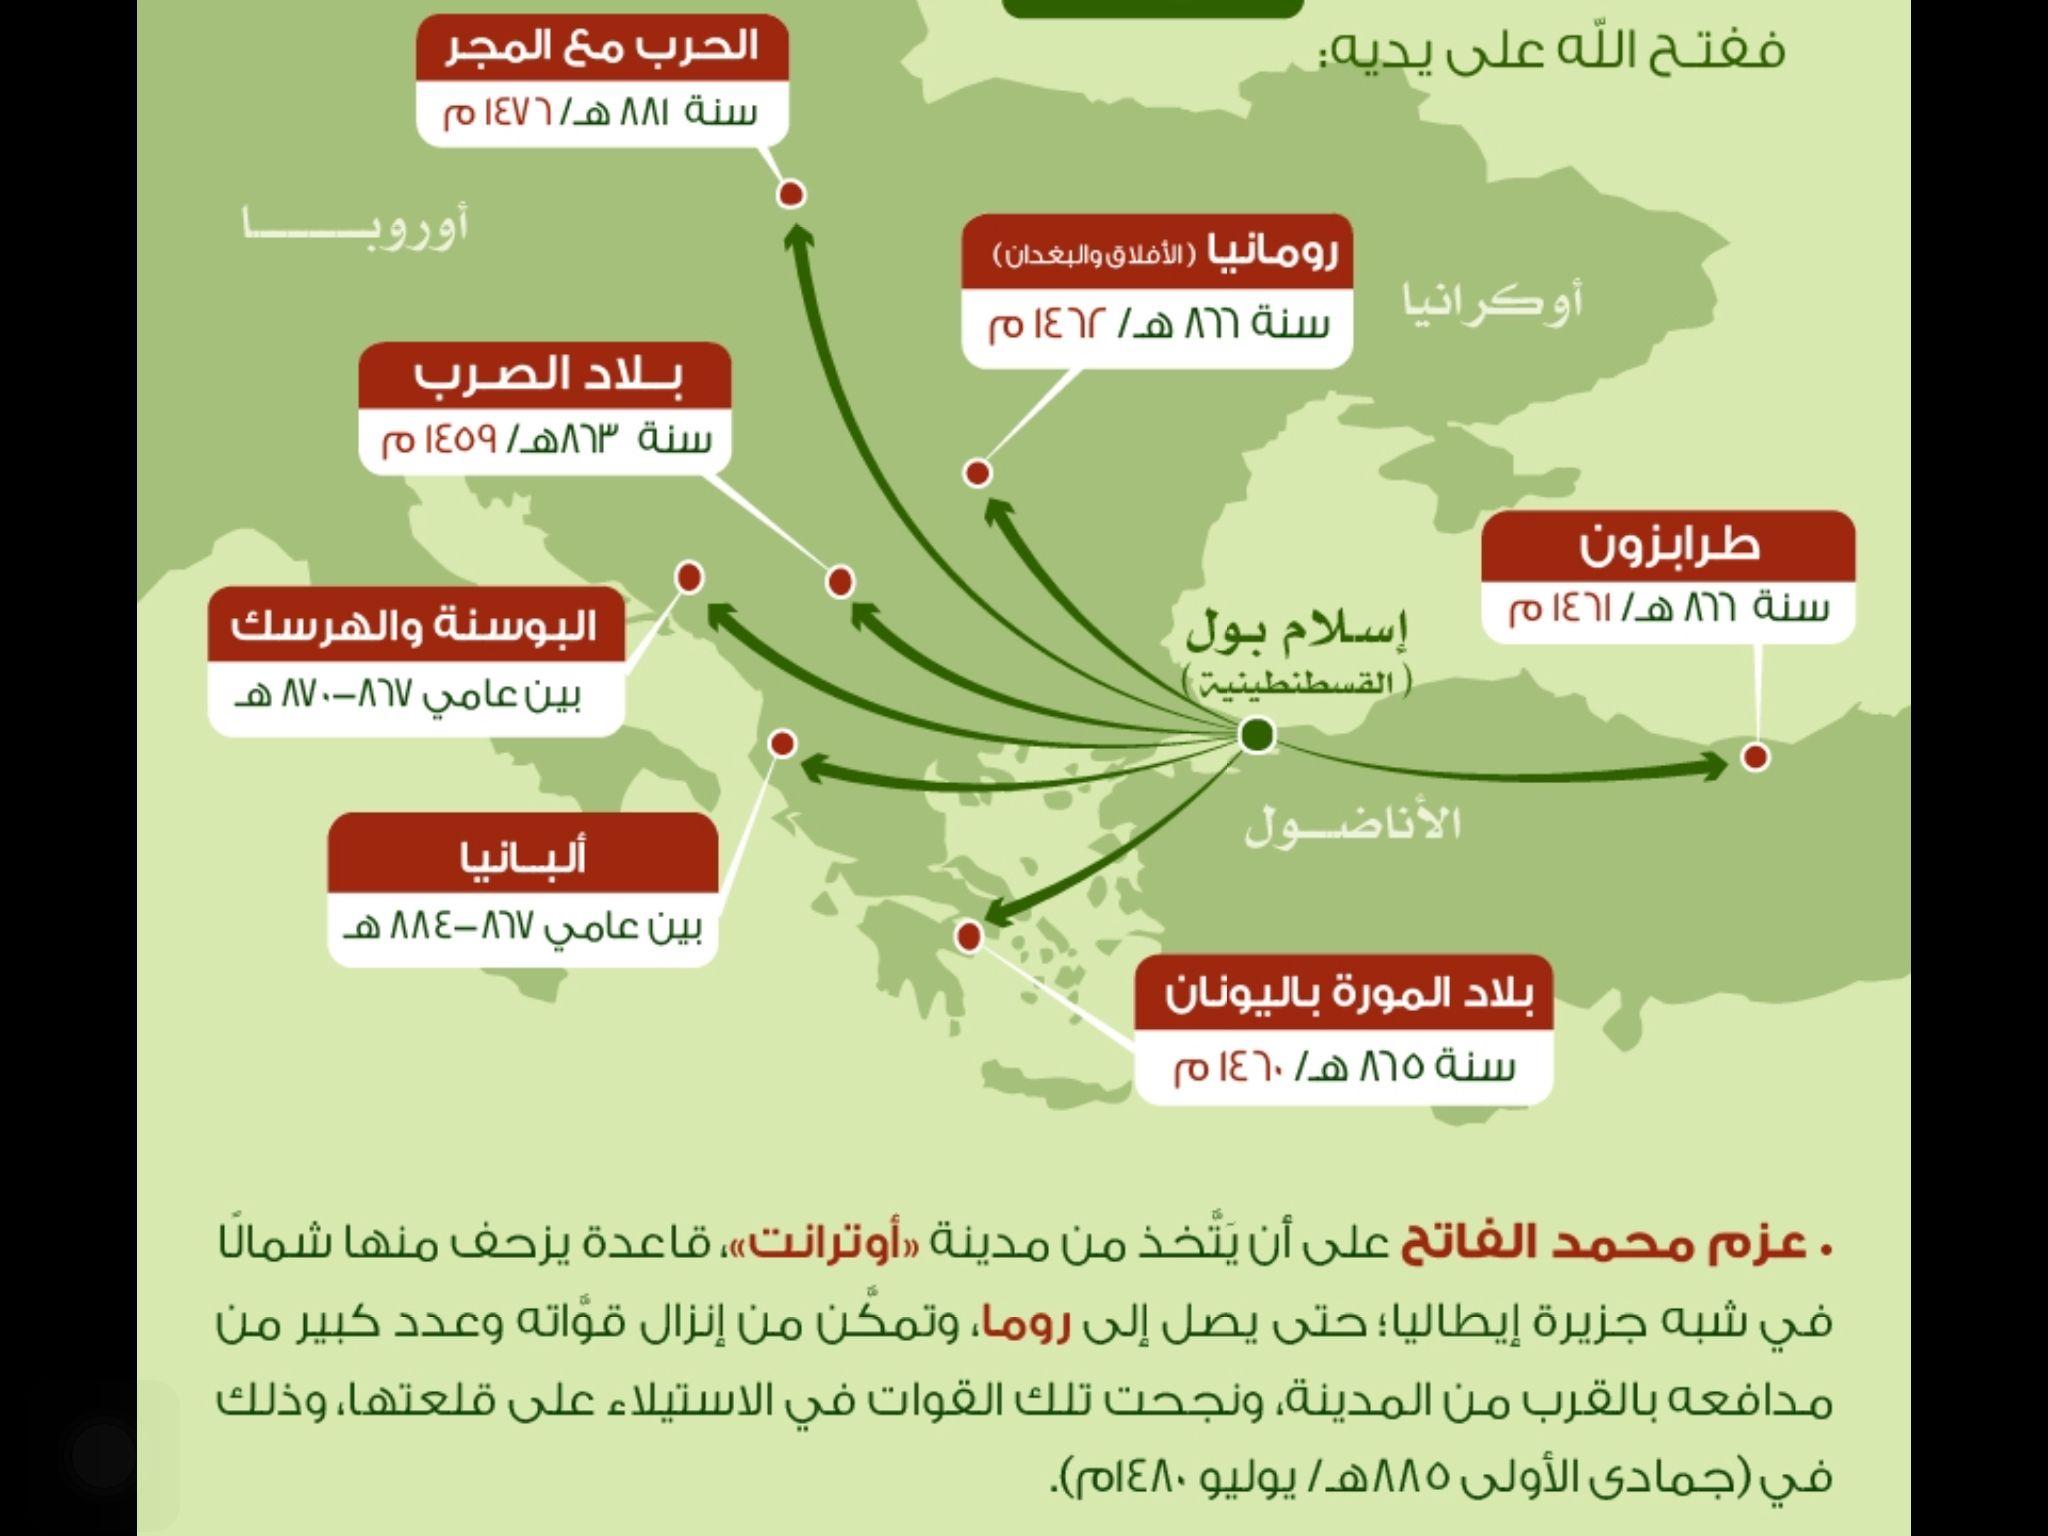 السلطان محمد الفاتح 4 Map Screenshot Map 21st